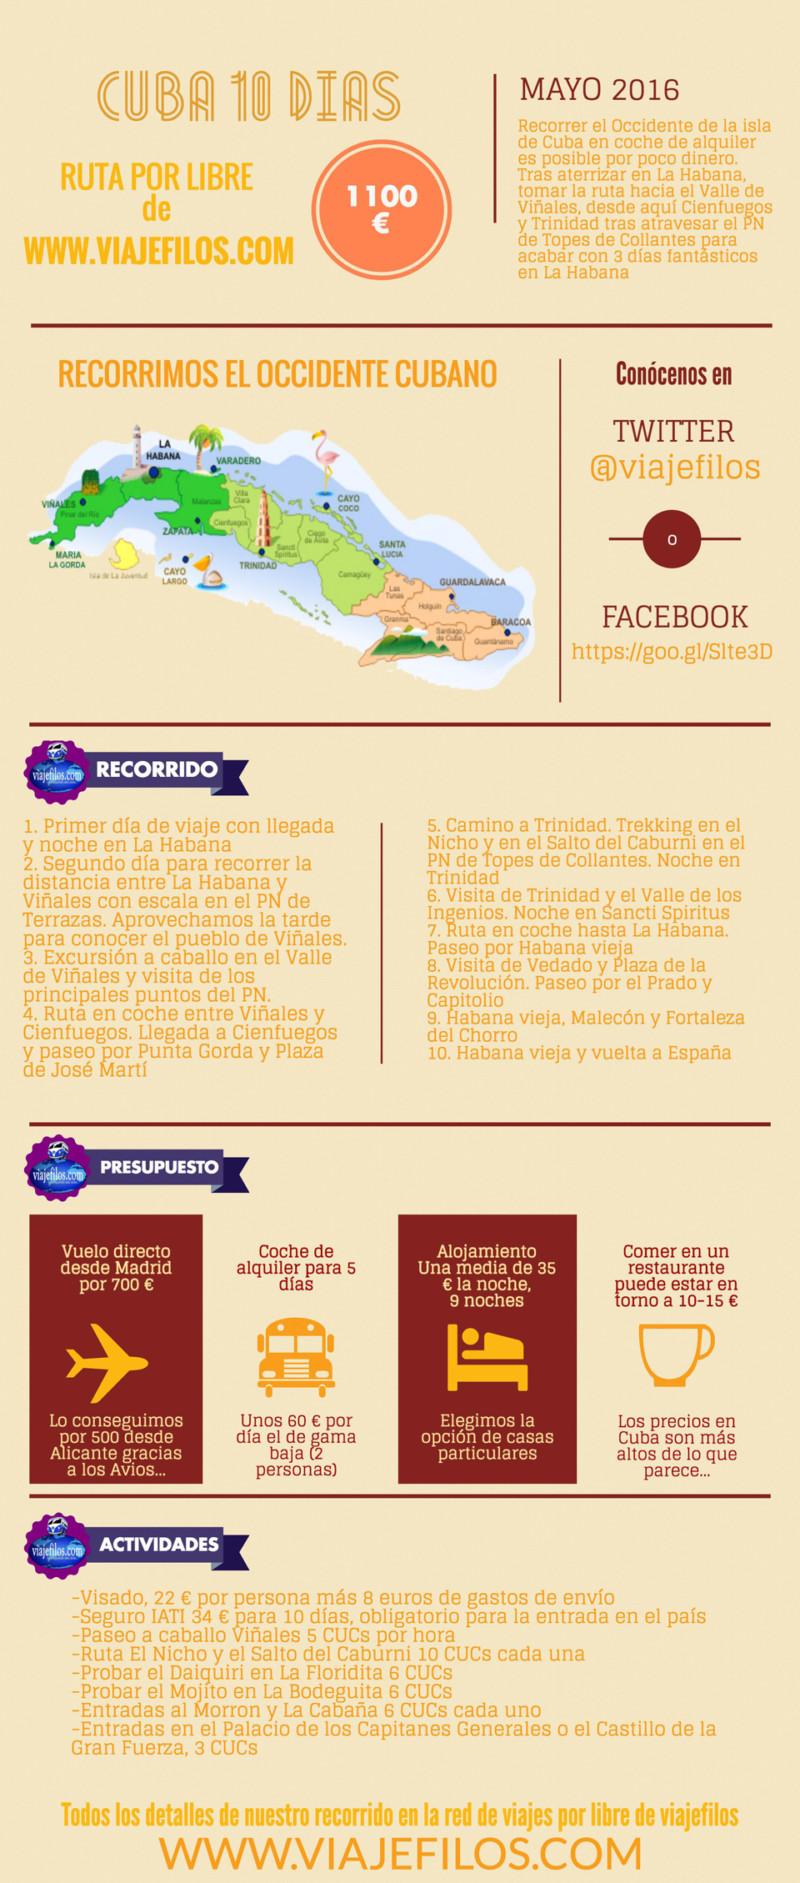 Cuanto cuesta viajar a Cuba